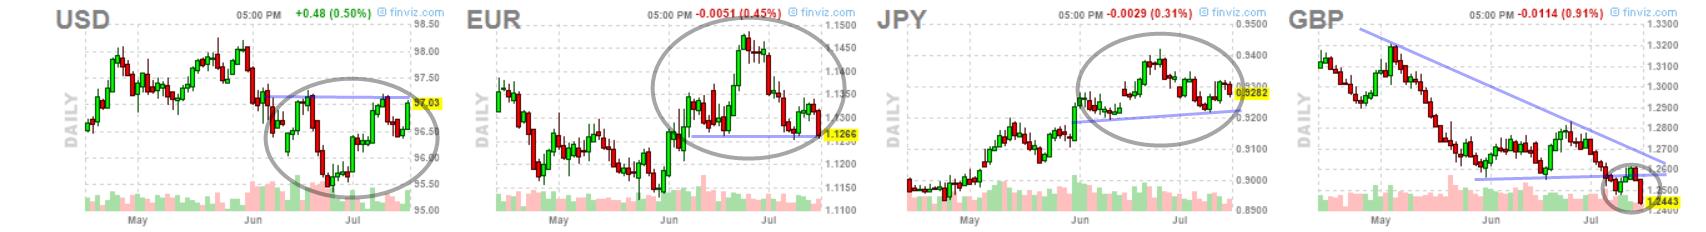 El dólar sigue apabullando a sus principales pares